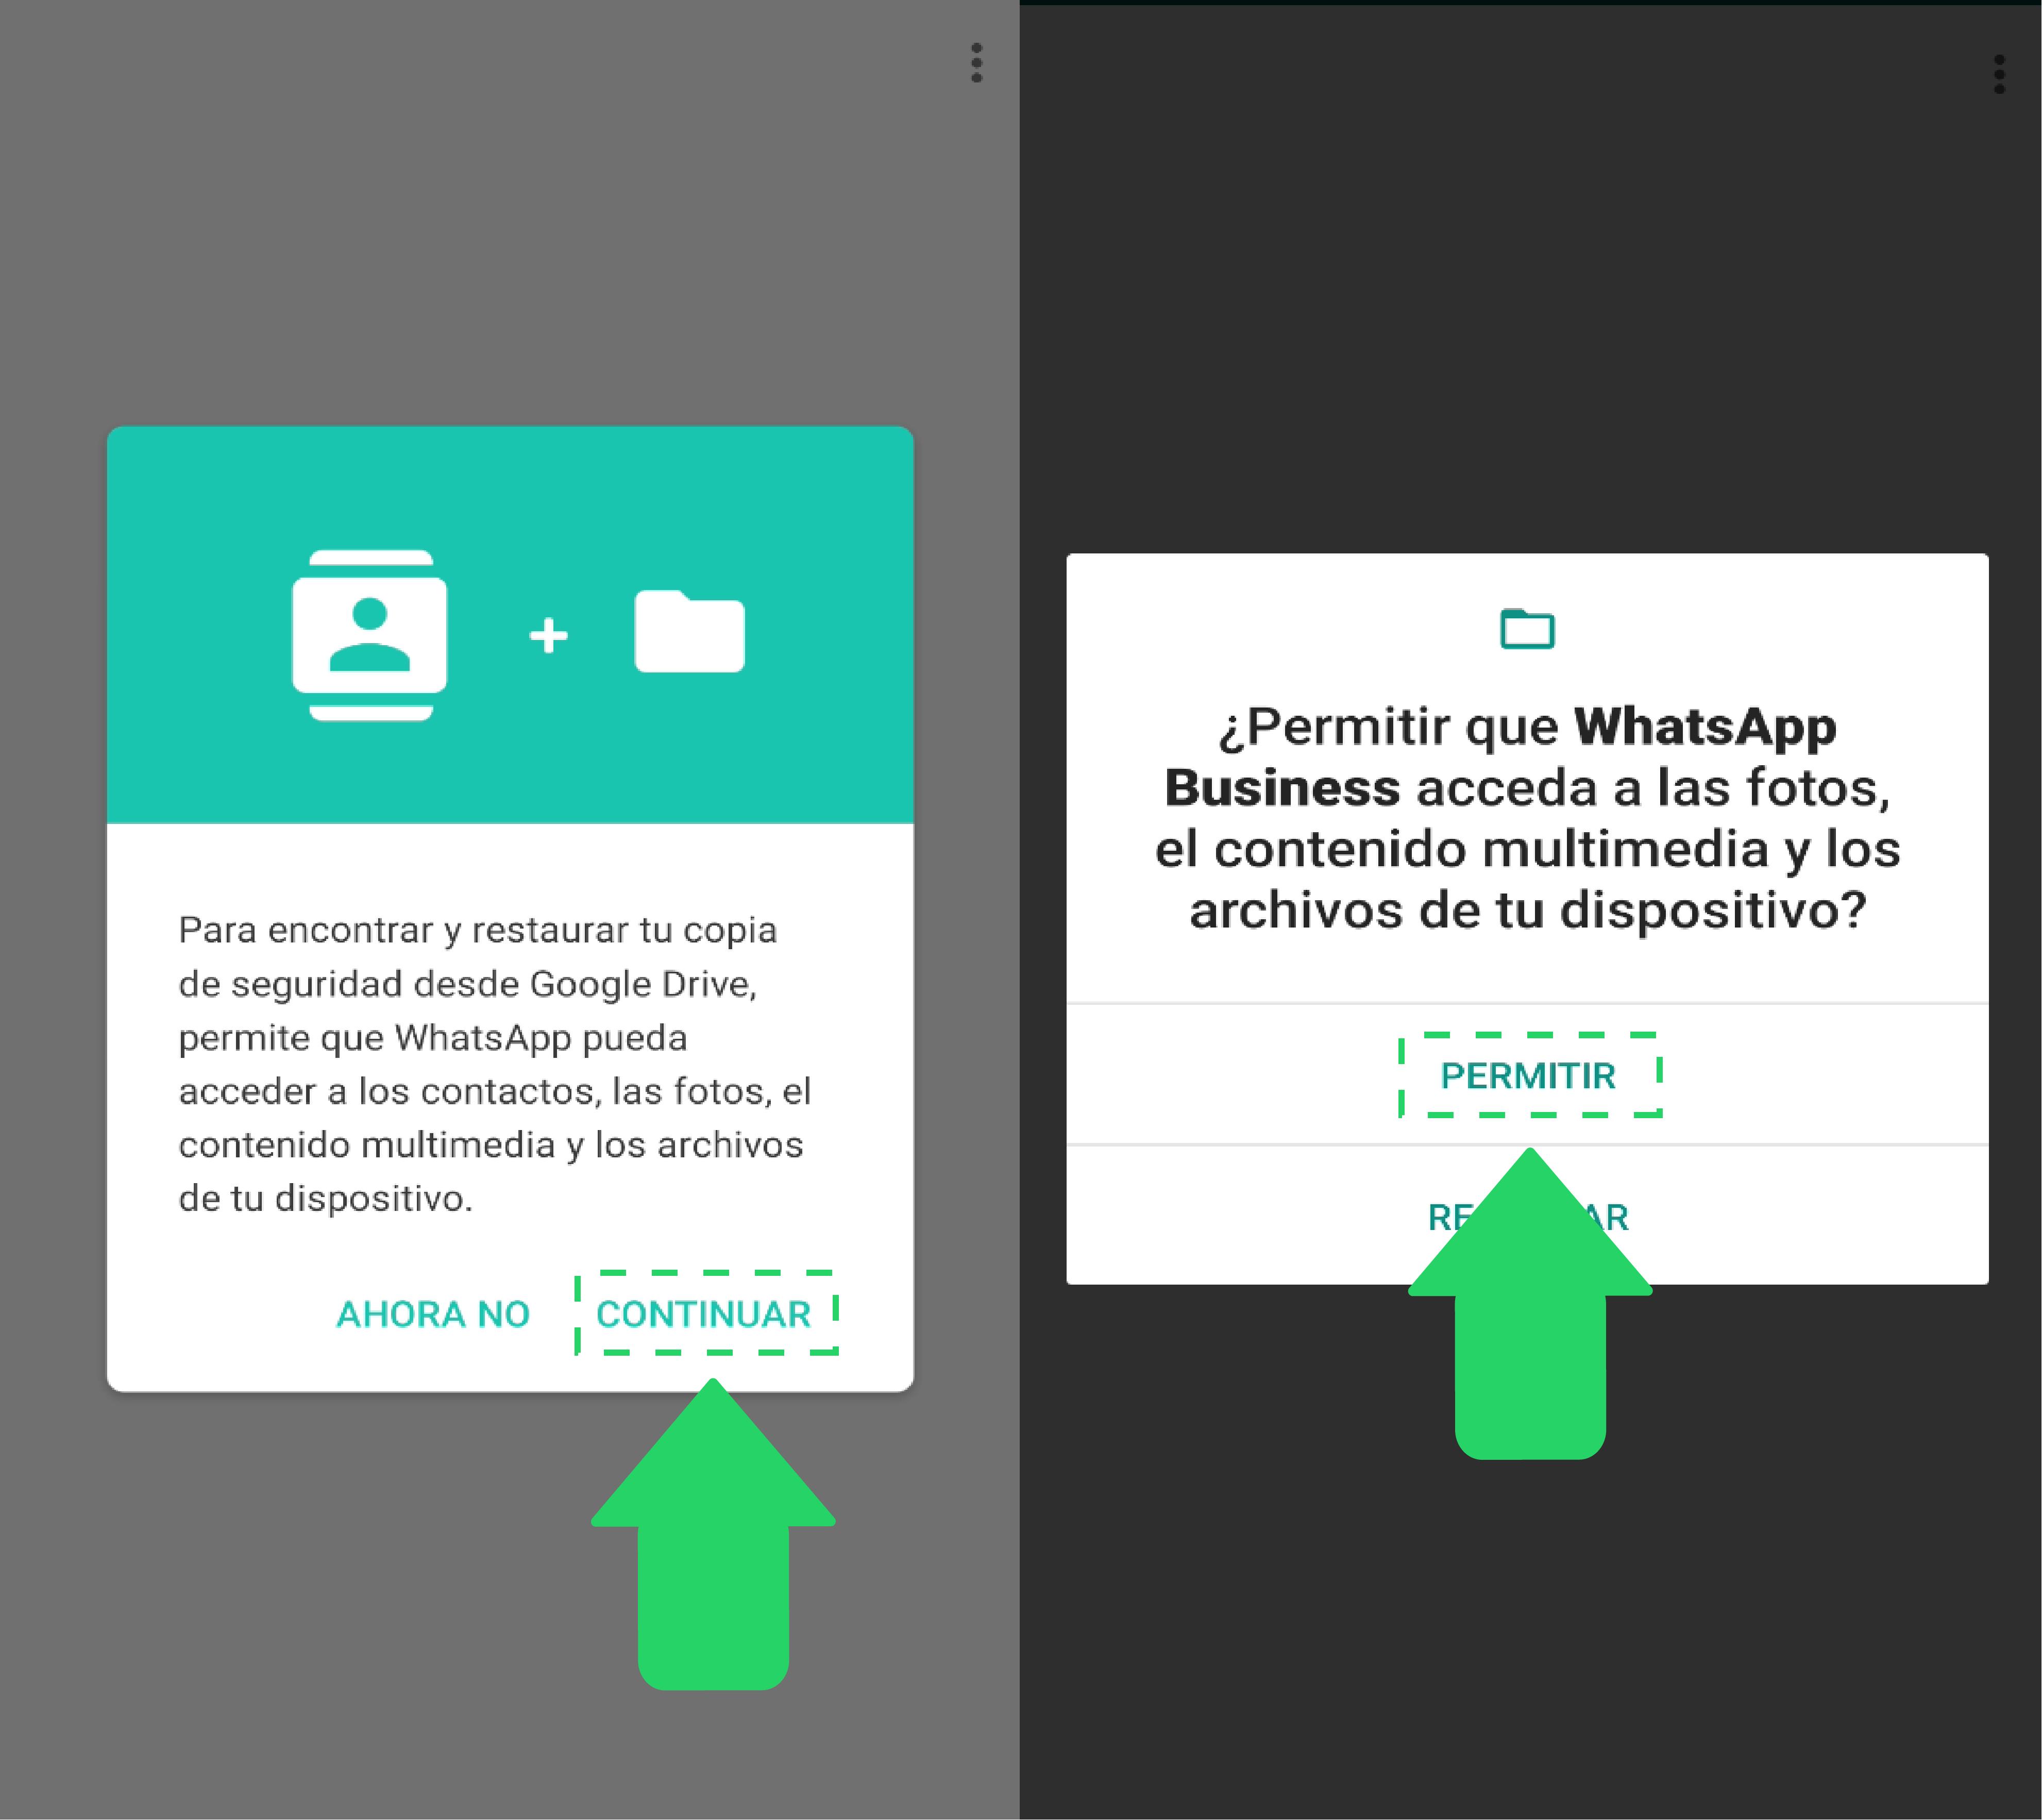 Una vez añadas tu número, deberás aceptar algunos permisos para que la aplicación pueda transferir tus archivos multimedia, historial del chat y acceder a la información de tu dispositivo, entre otros.